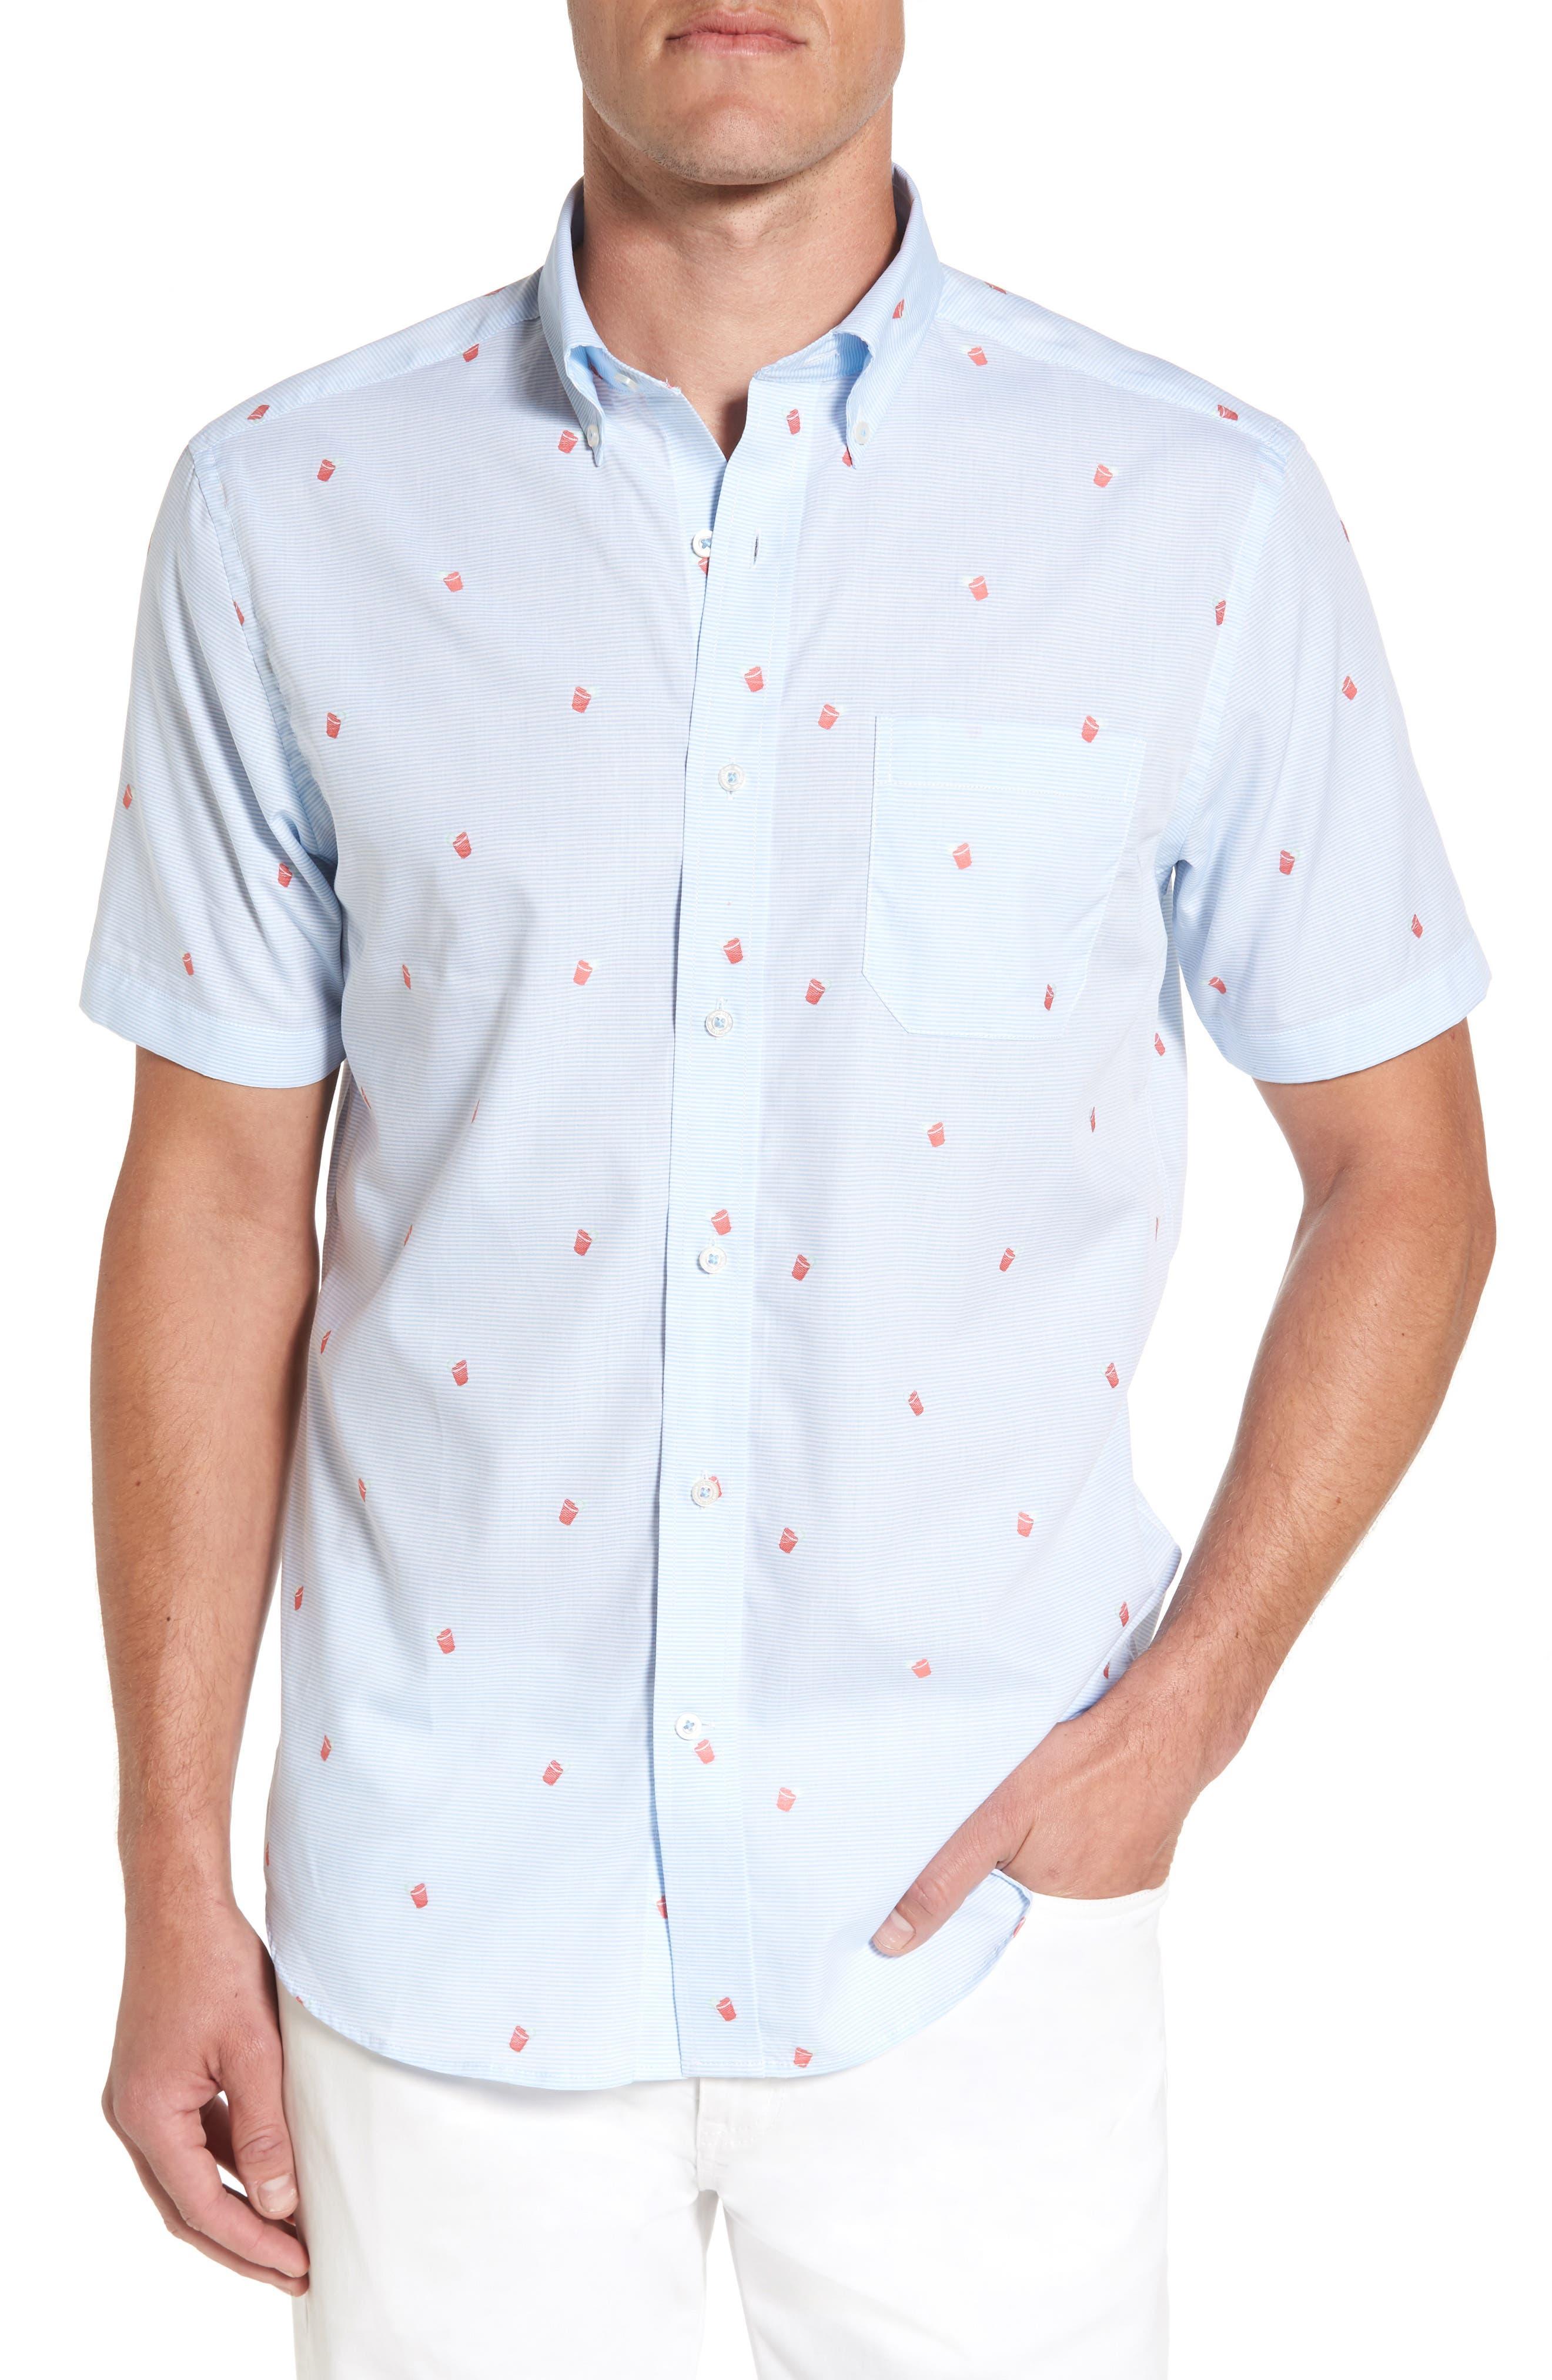 Southern Tide Rum Swizzle Sport Shirt